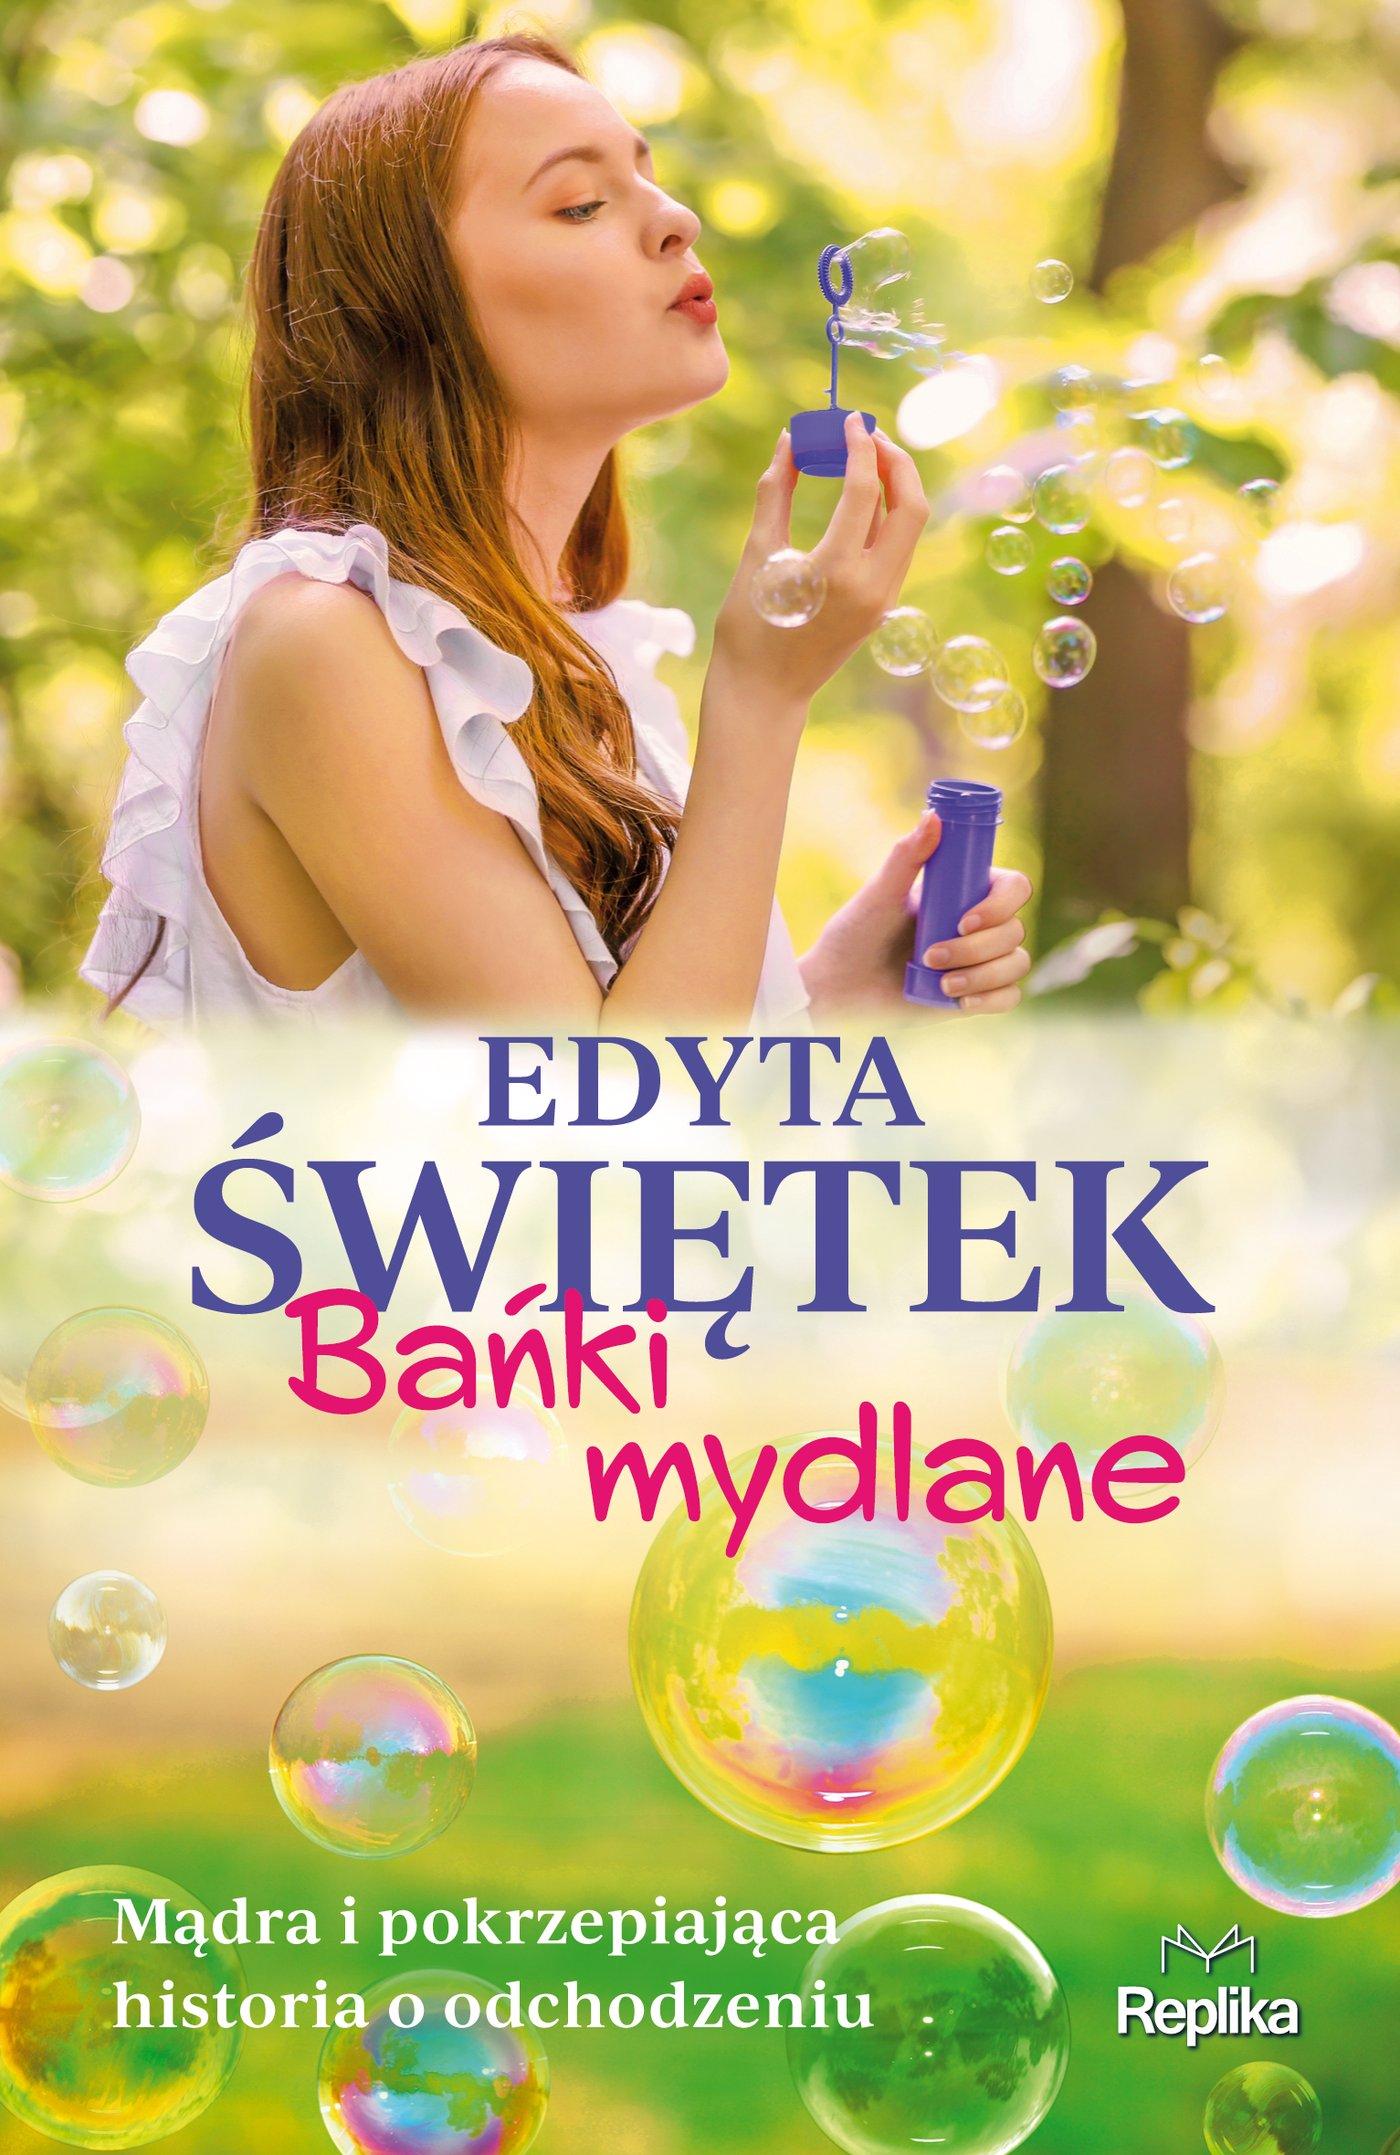 Bańki mydlane - Ebook (Książka na Kindle) do pobrania w formacie MOBI